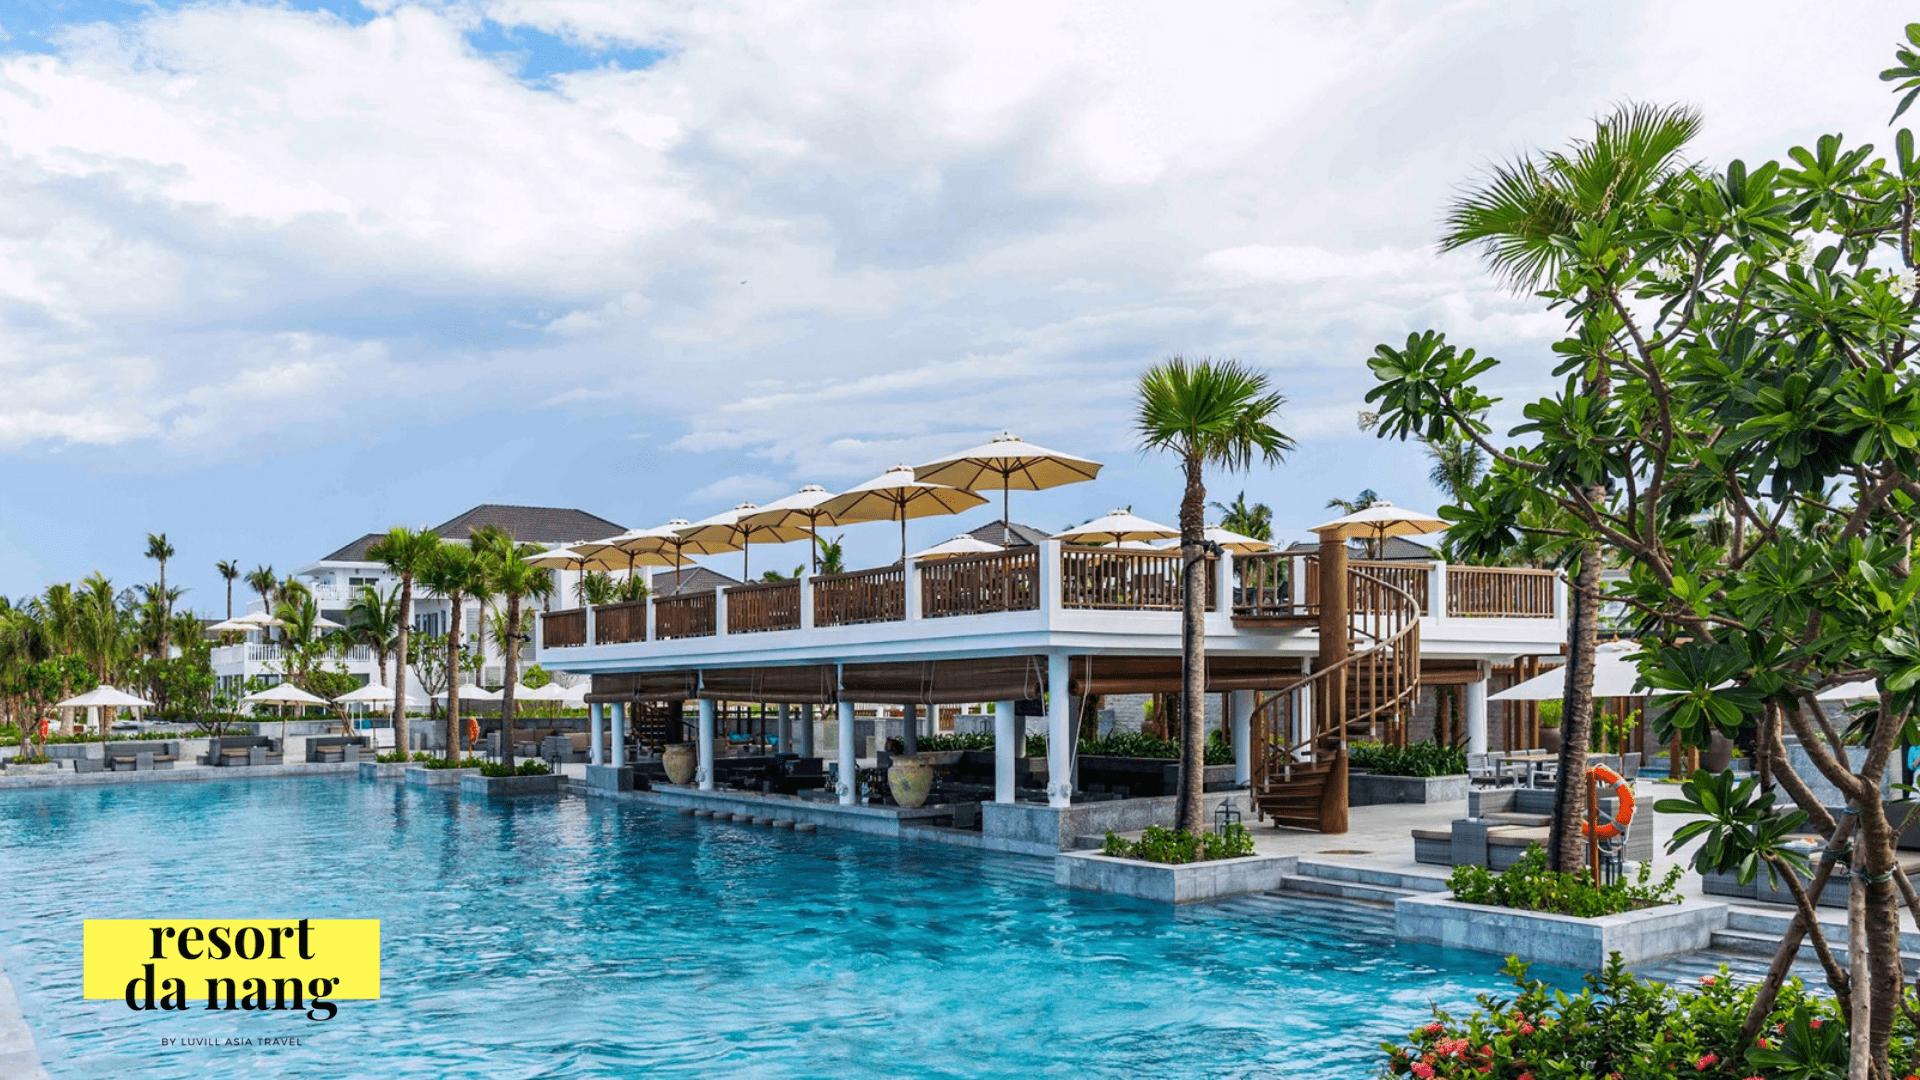 Kiến trúc độc đáo của các căn biệt thự tại Premier Village Đà Nẵng